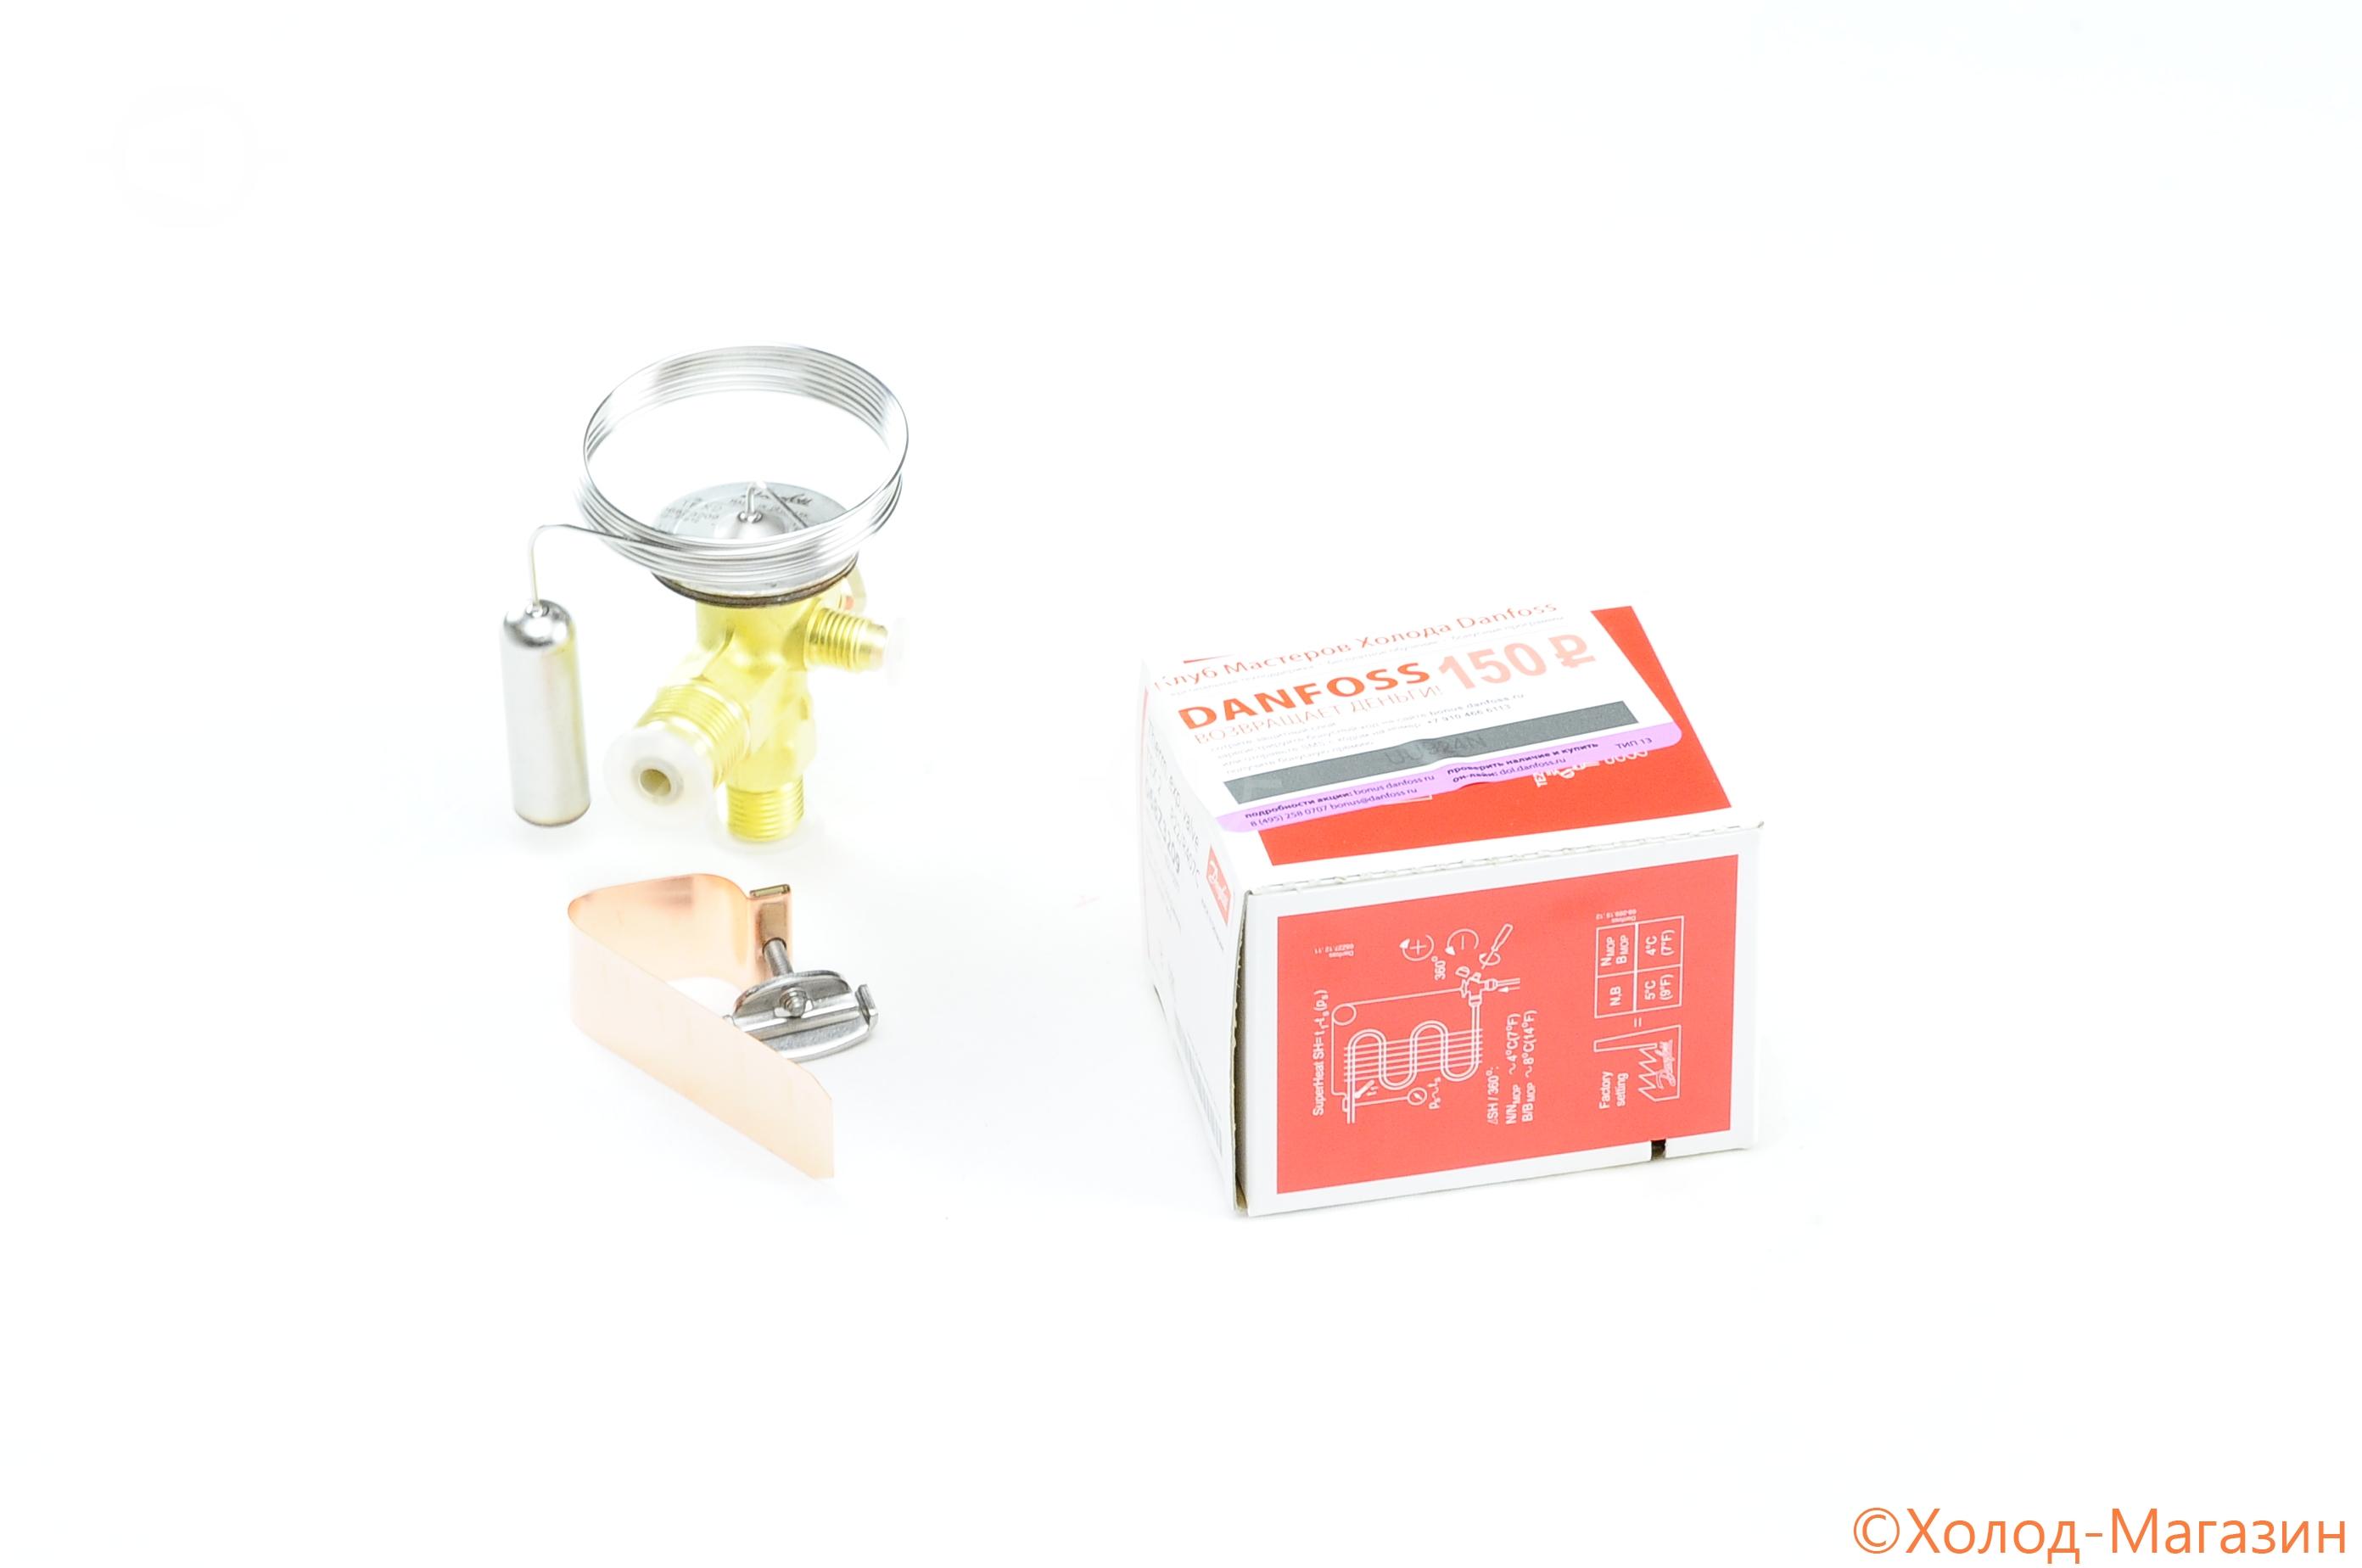 Вентиль терморегулирующий ТРВ TES 2 (R404A, МДР, -40....-15C), Danfoss